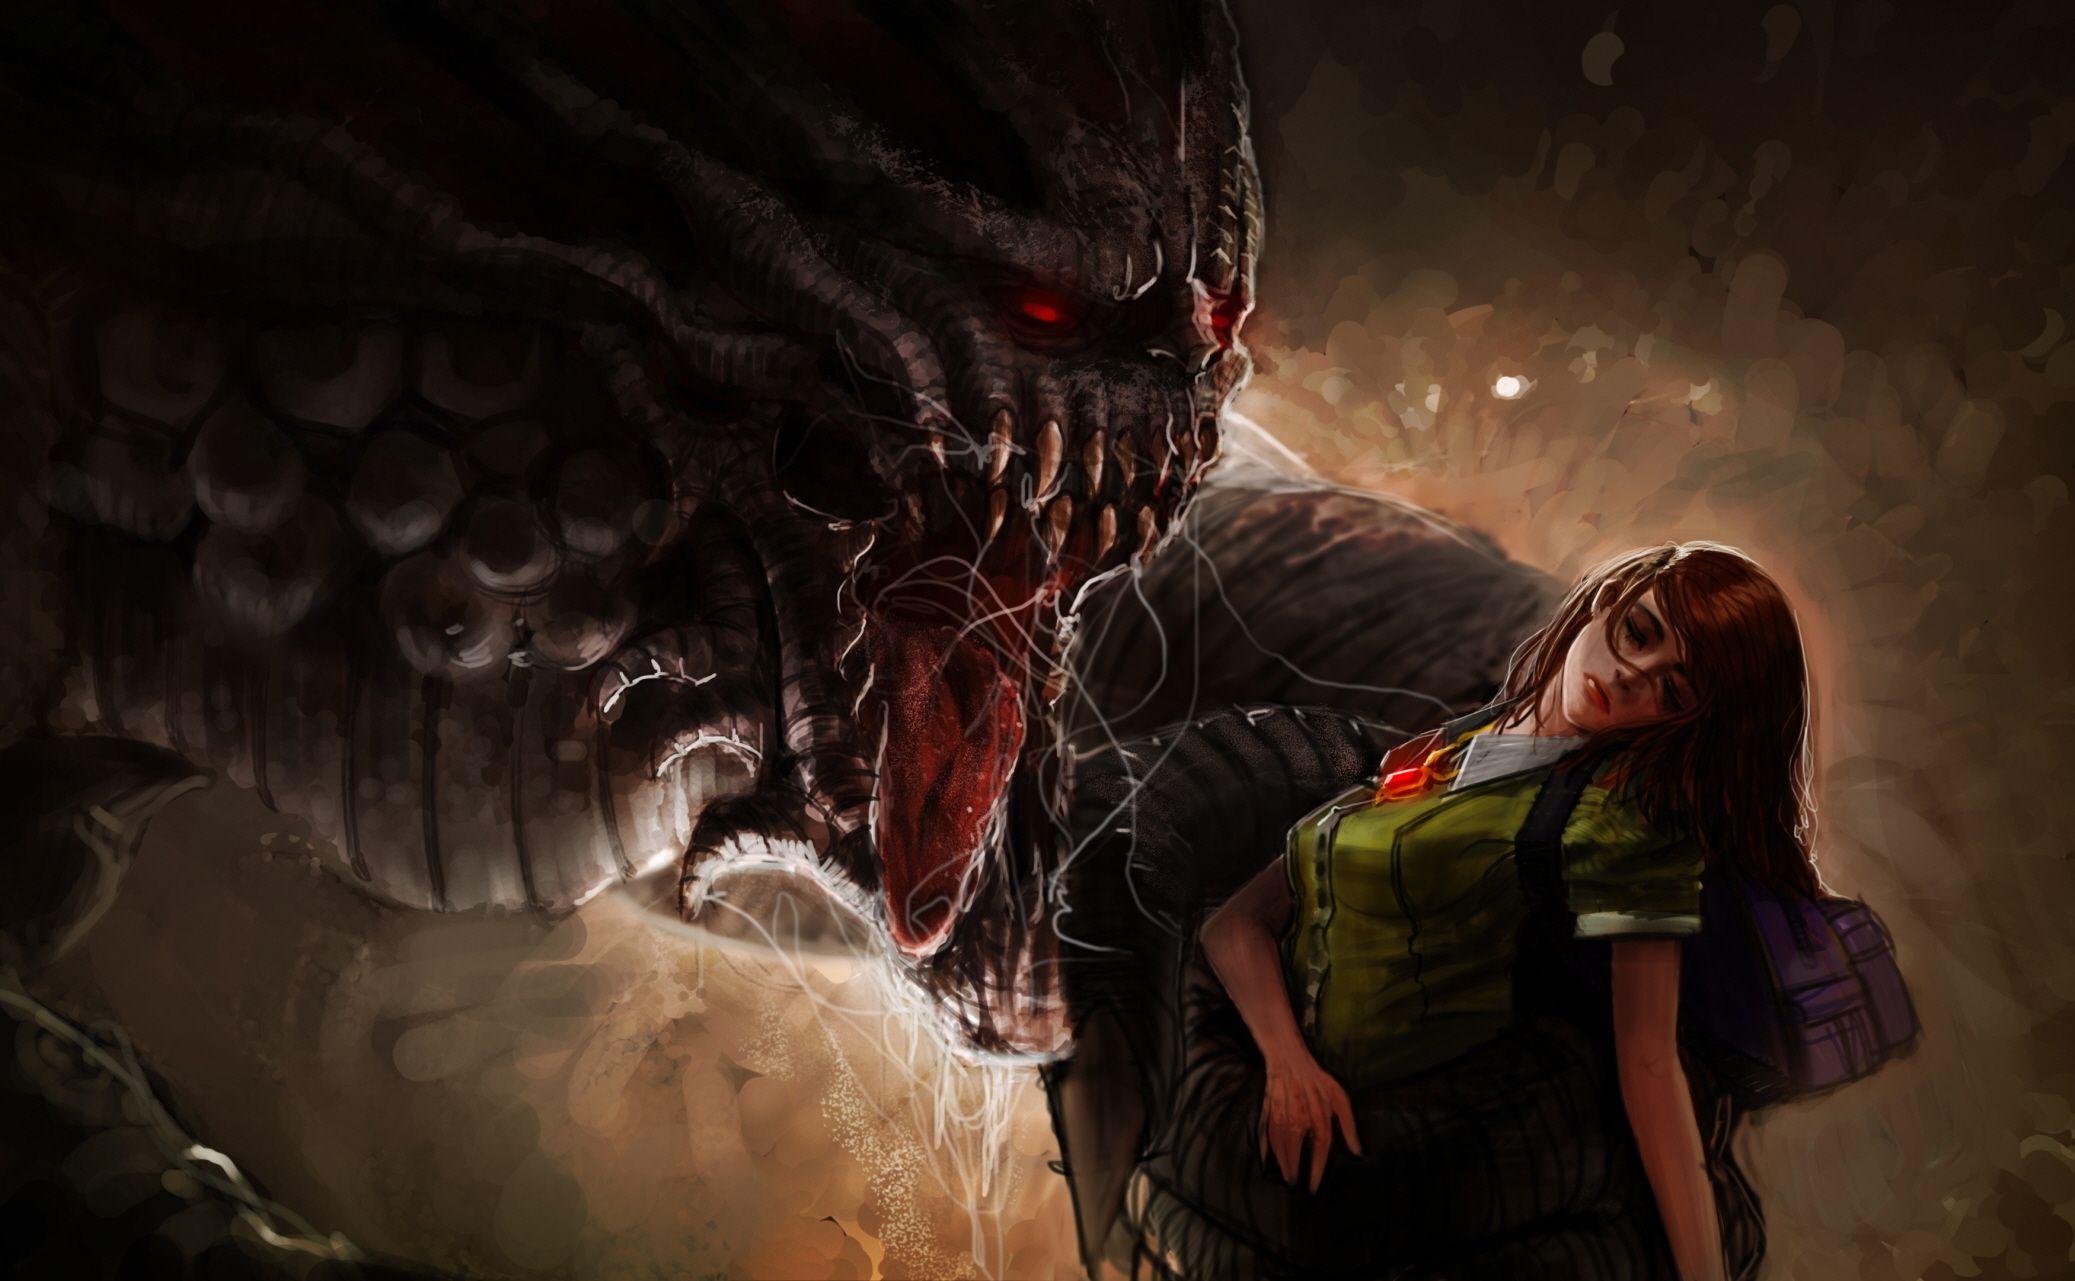 Monsters Fantasy Girls Monster Scary Horror Girl Dark Wallpaper Scary Wallpaper Scary Scary Monsters